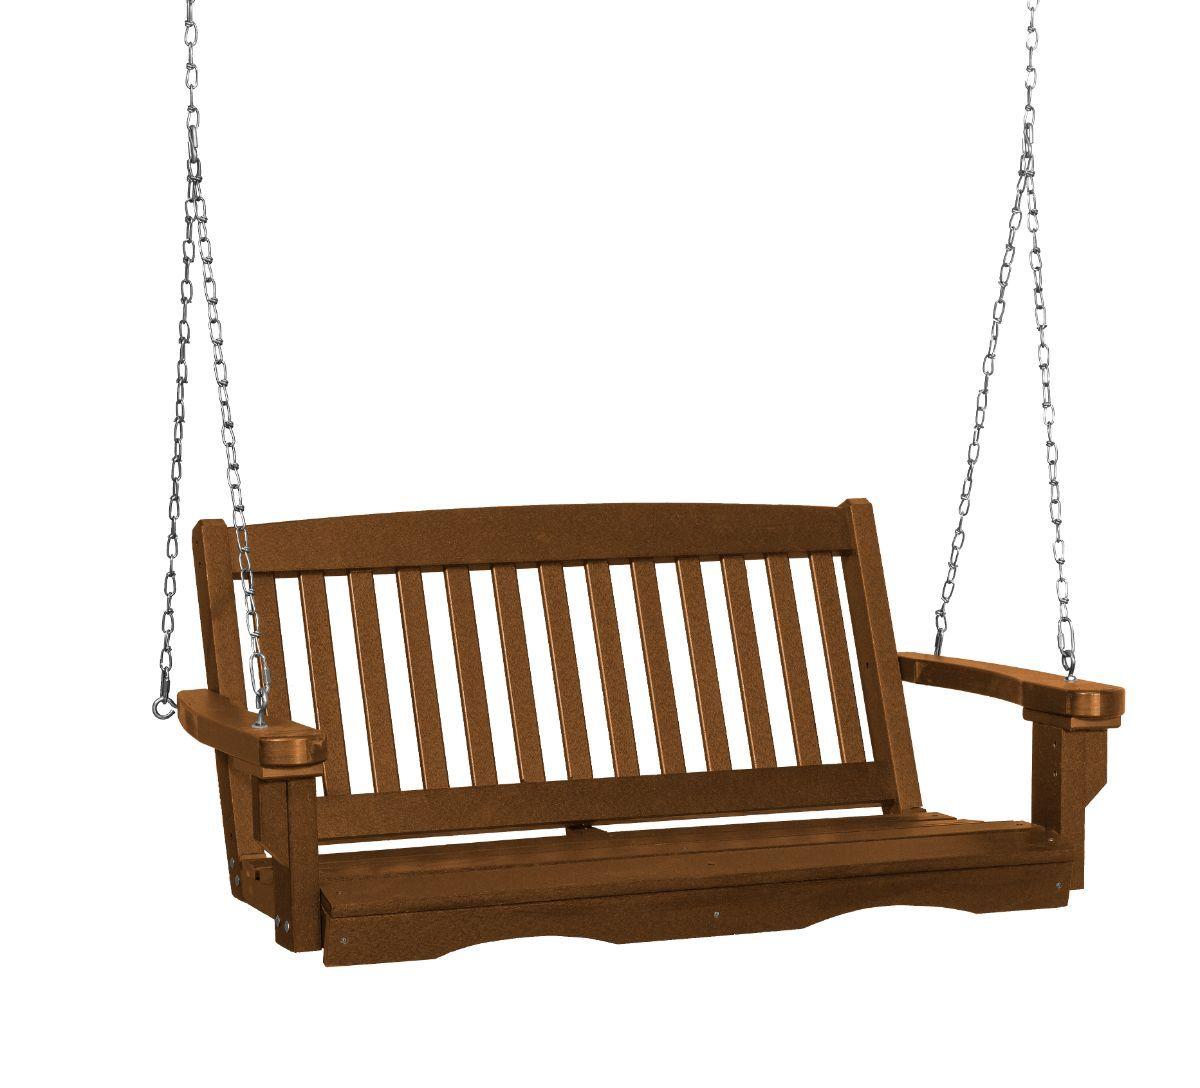 Tudor Brown Aniva Porch Swing